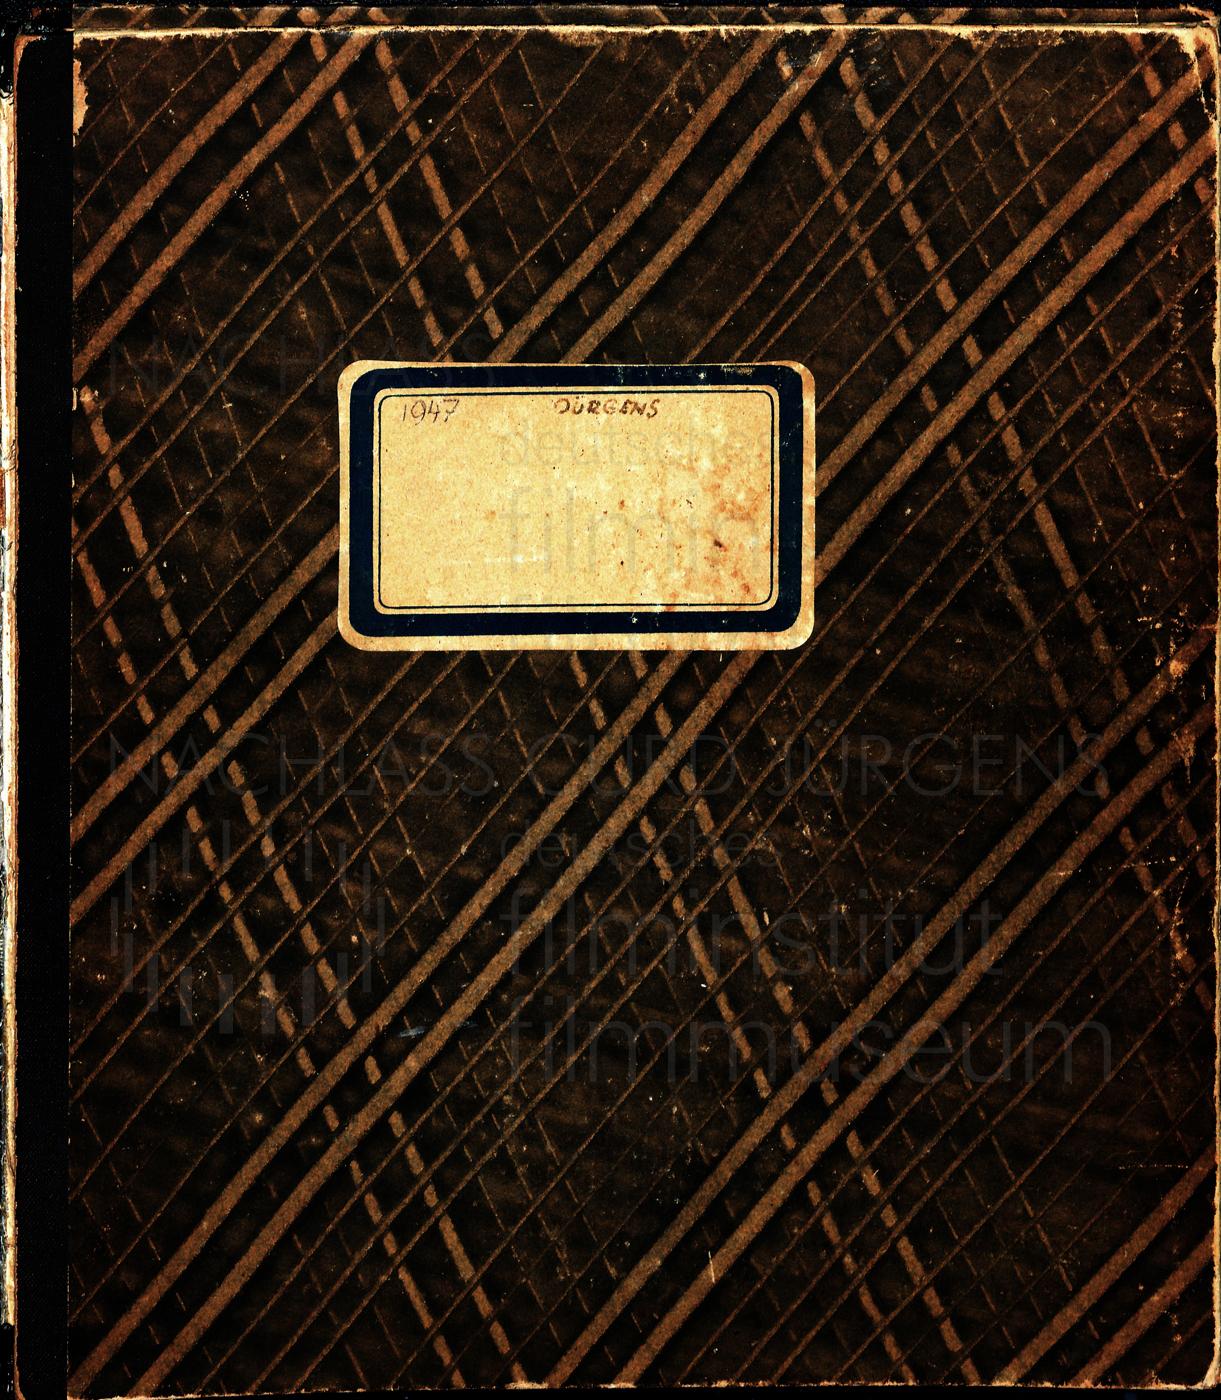 Buch mit Film- und Theaterprojekten (Auszug), 1947